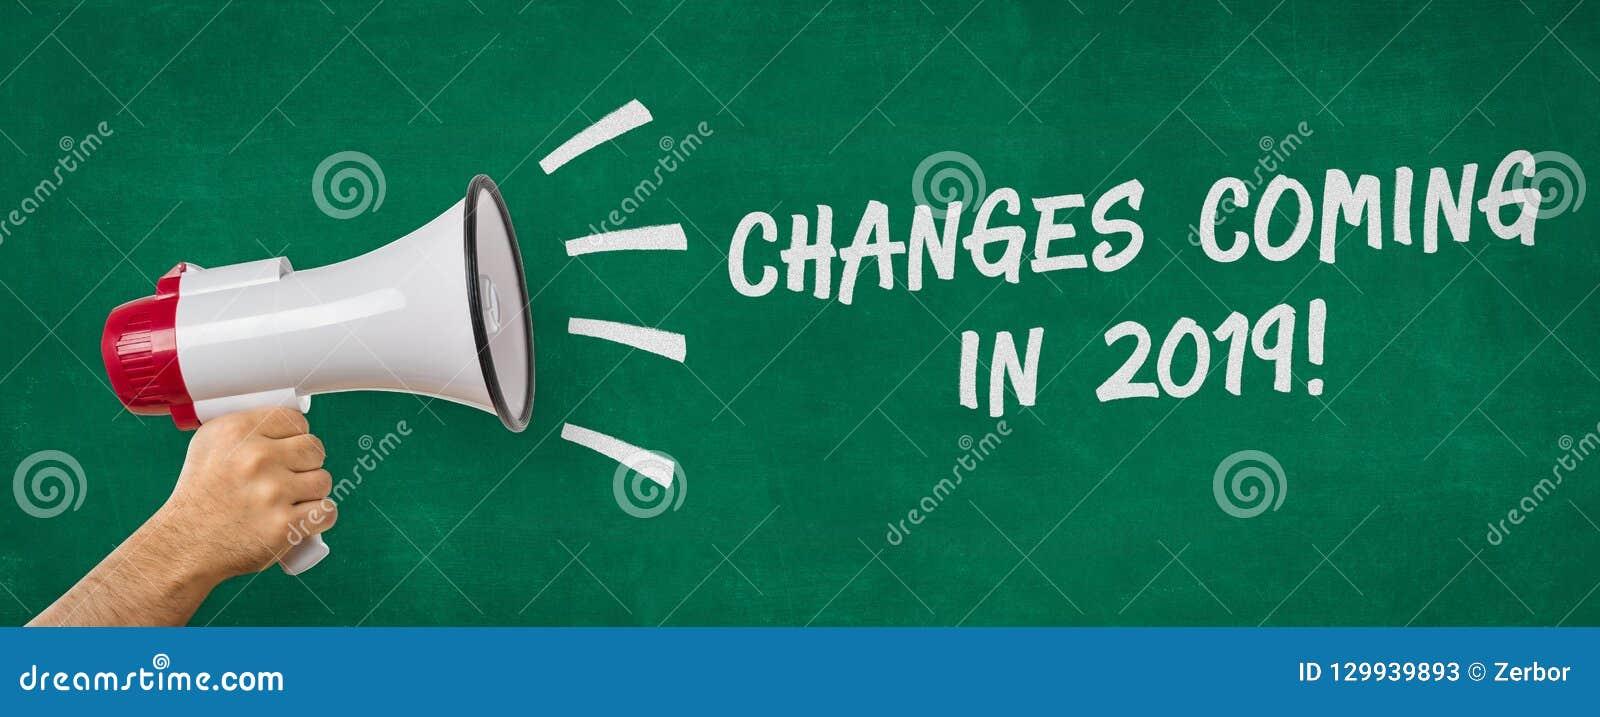 Ein Mann, der ein Megaphon hält - ändert im Jahre 2019 kommen